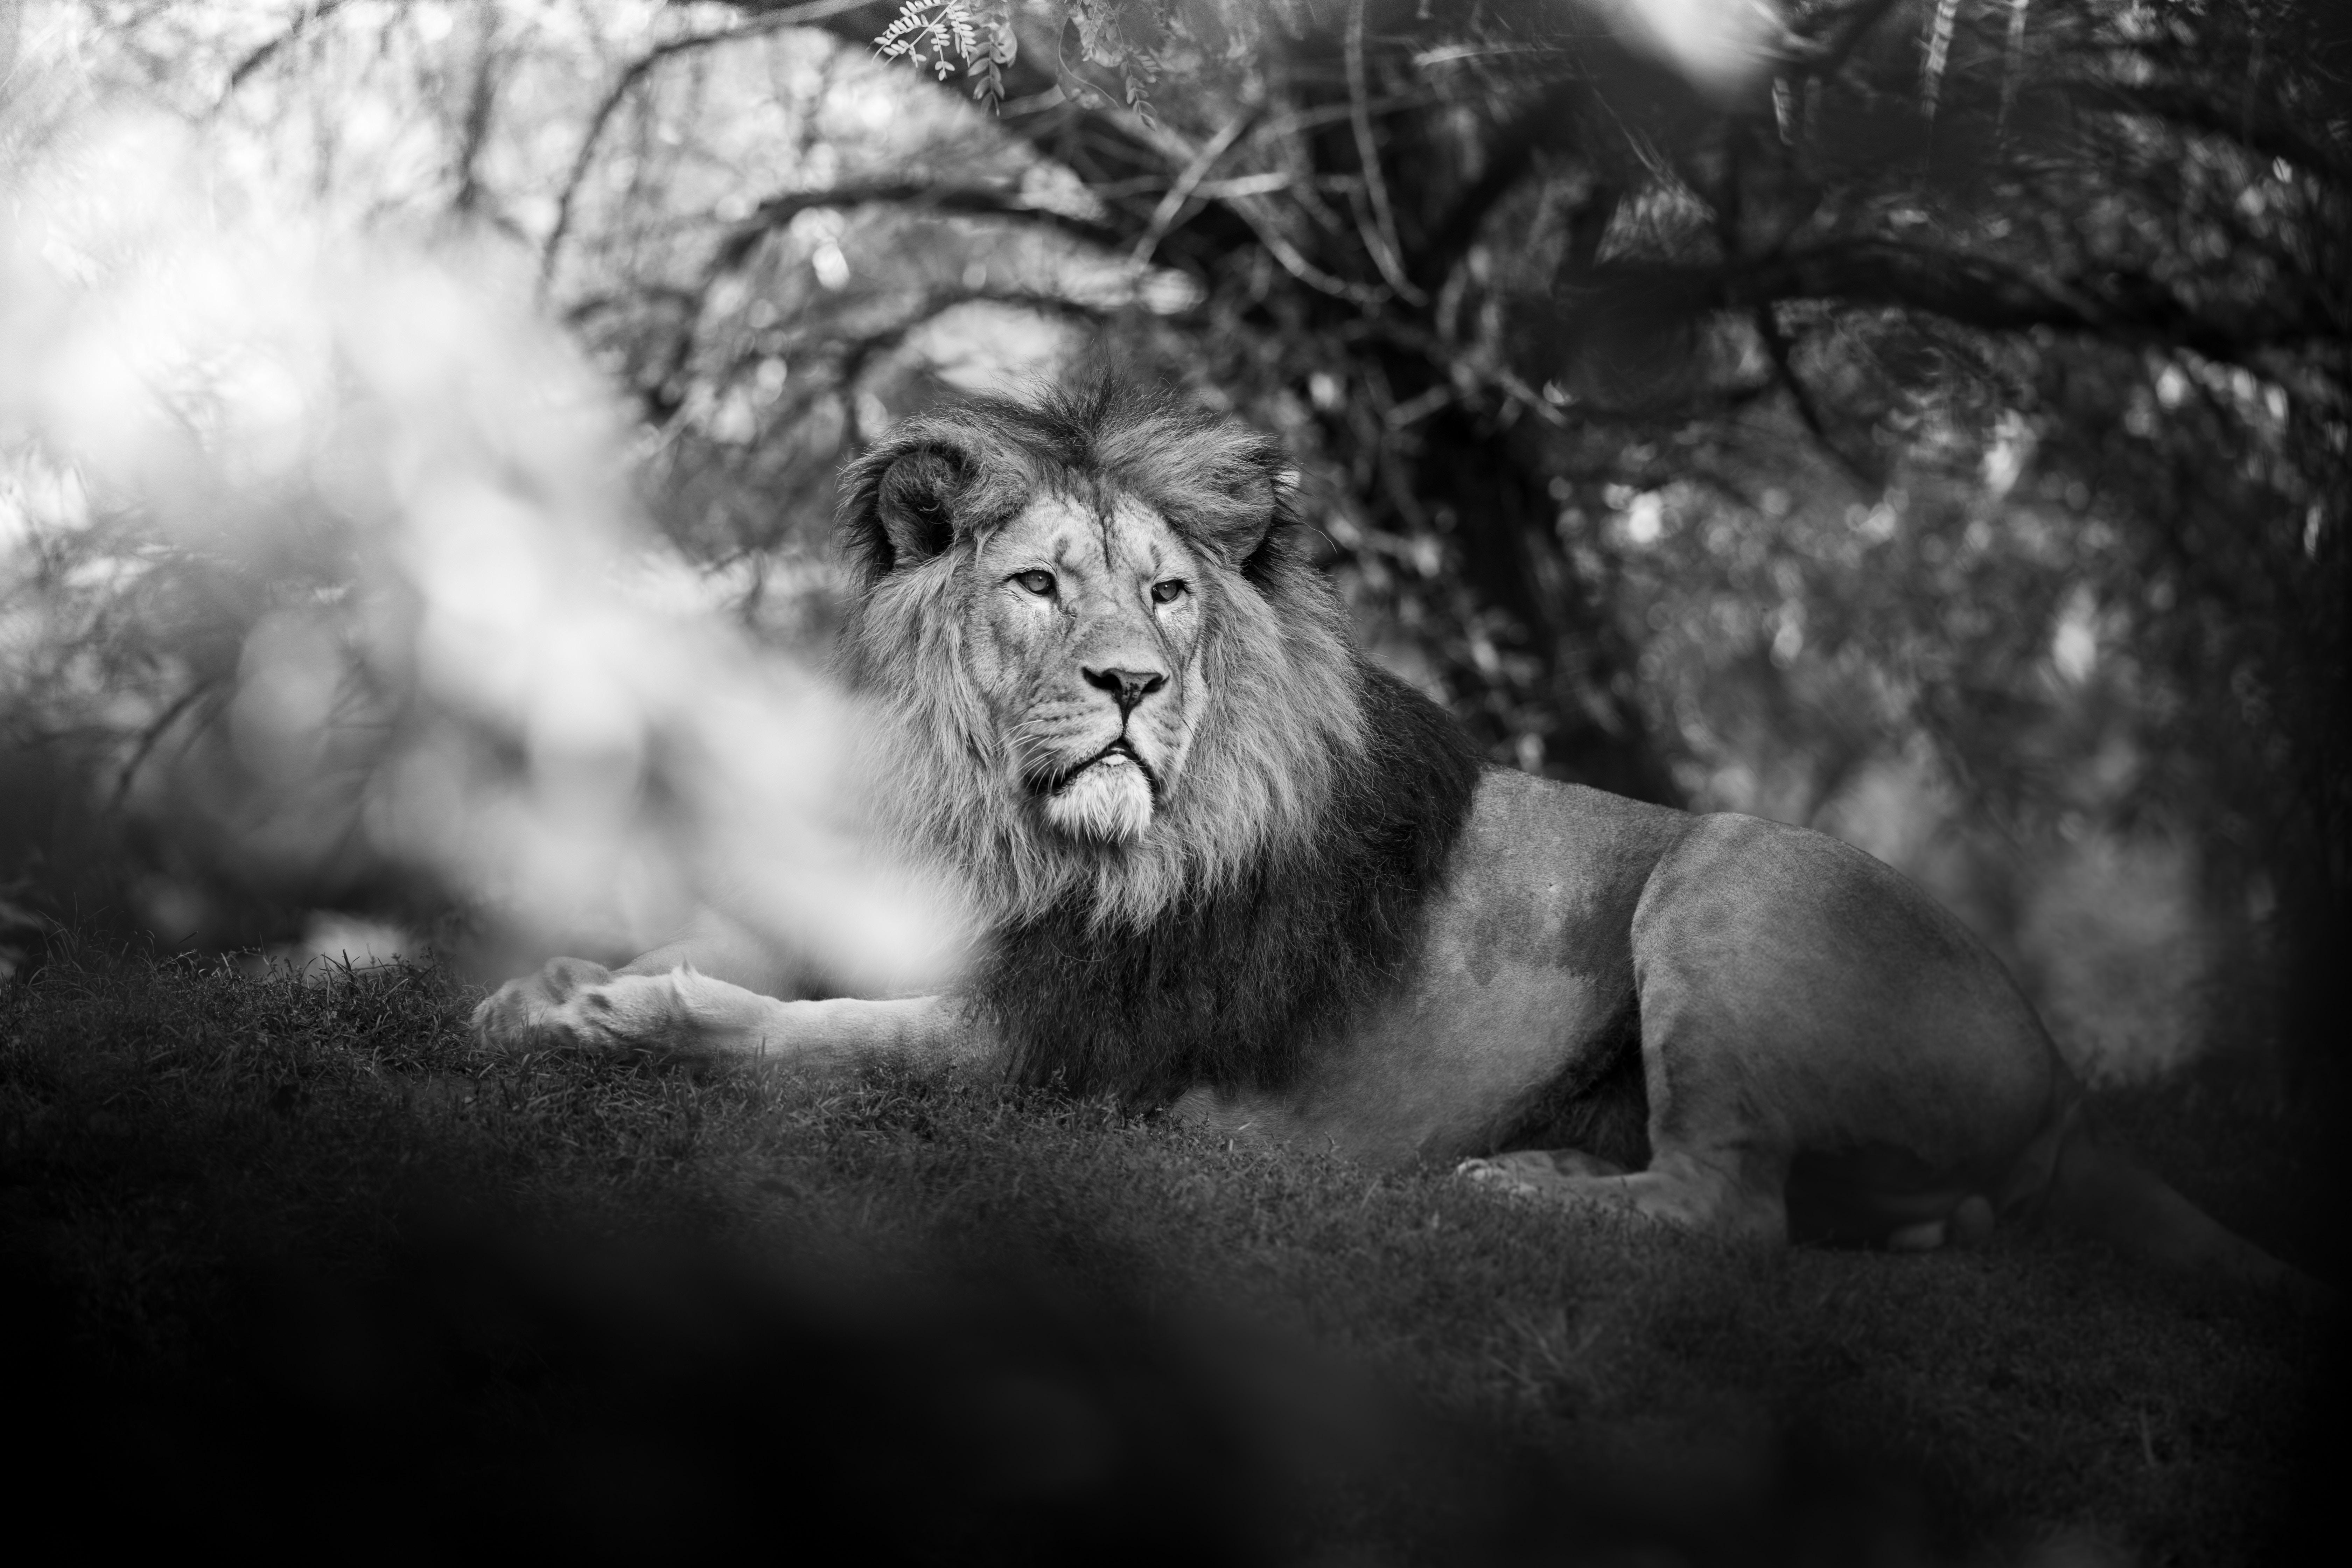 monochrome lion 1574938079 - Monochrome Lion -